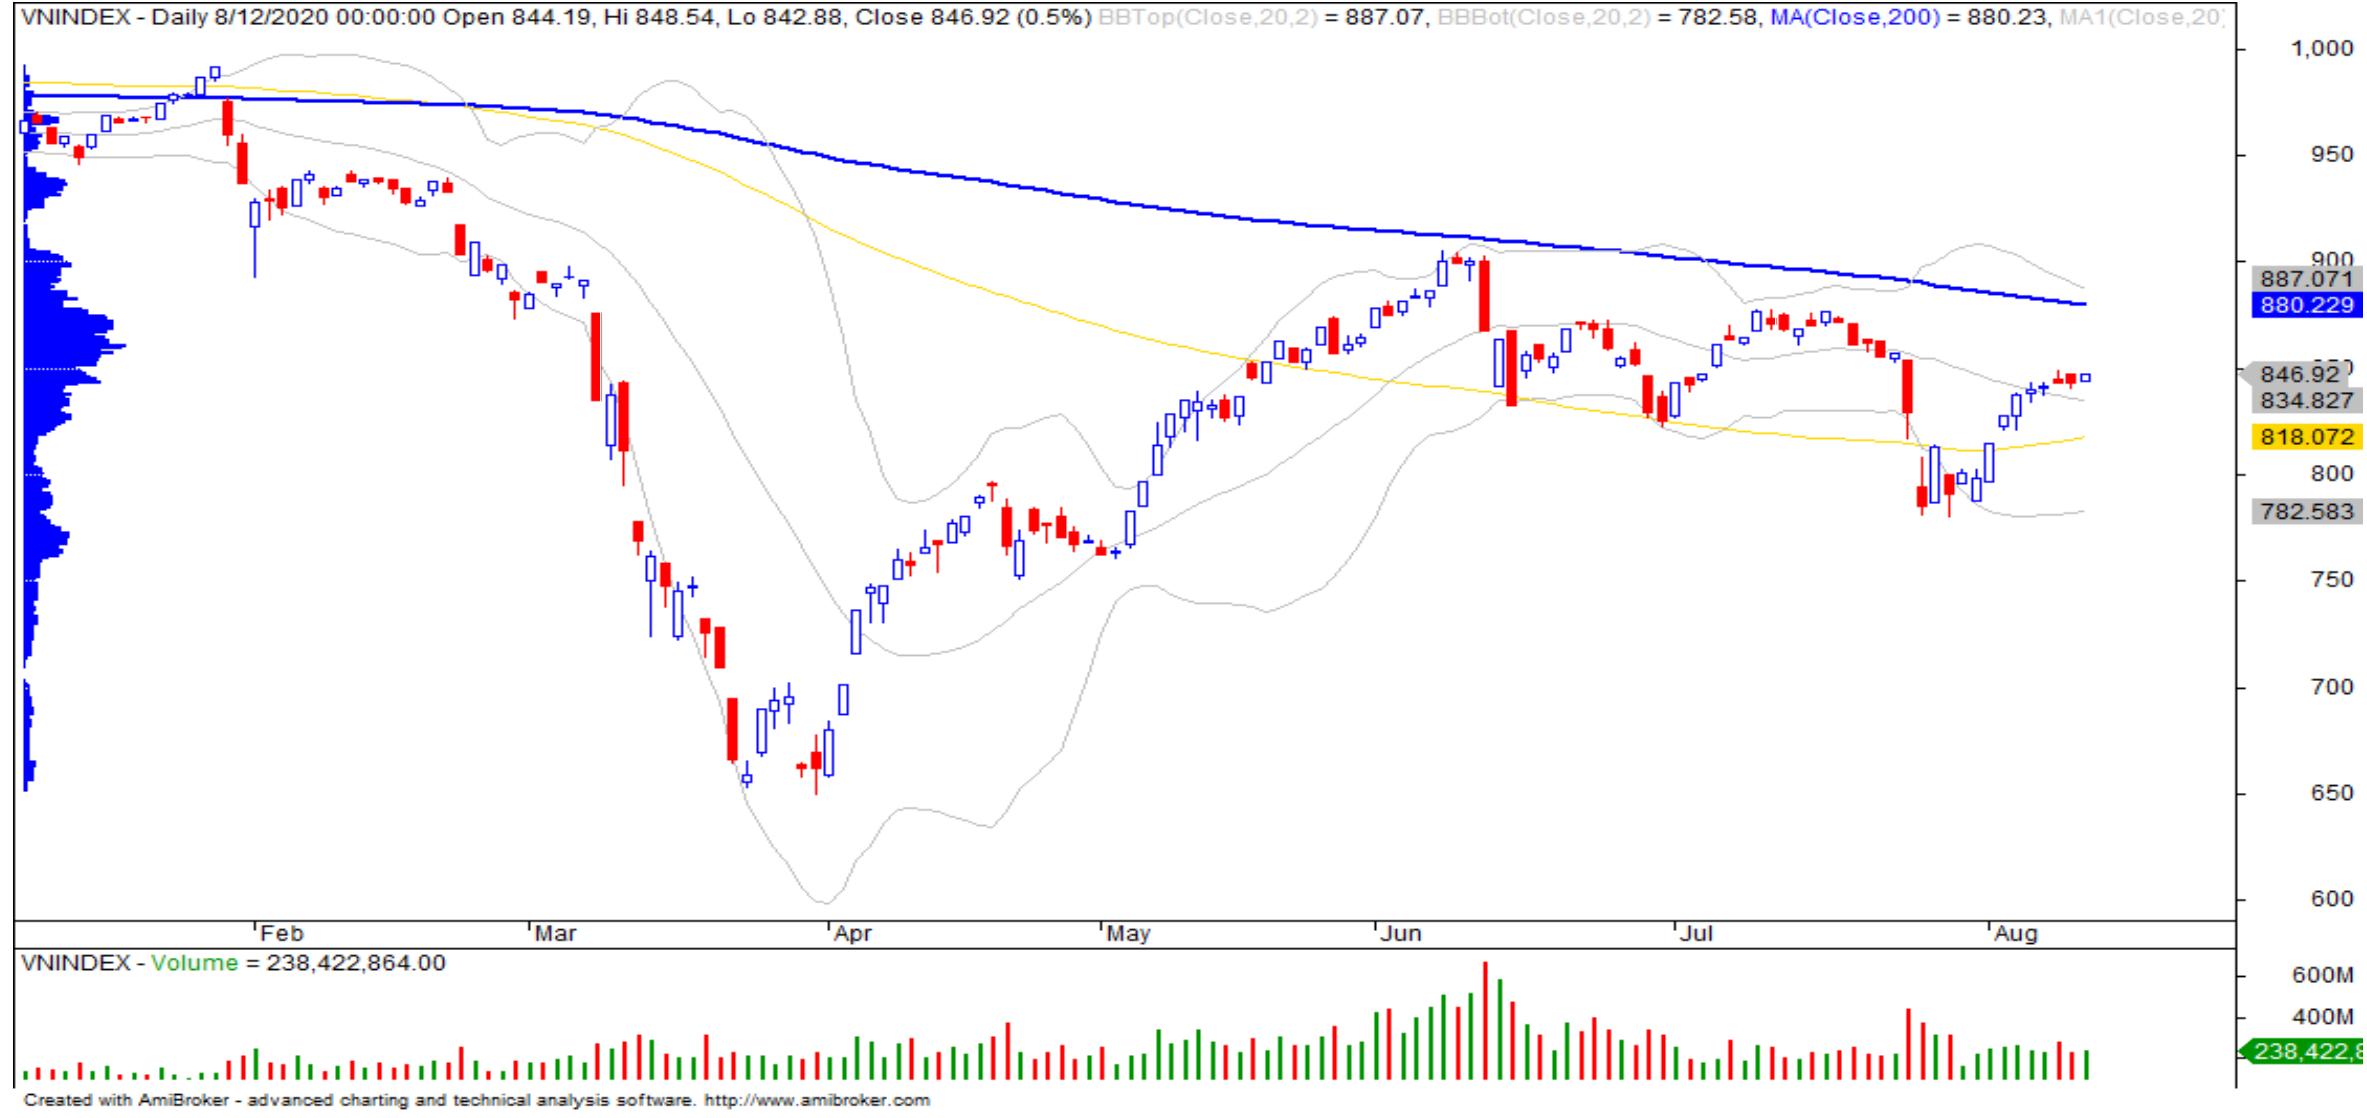 Nhận định thị trường chứng khoán ngày 13/8: Thử thách vùng 855 điểm - Ảnh 1.